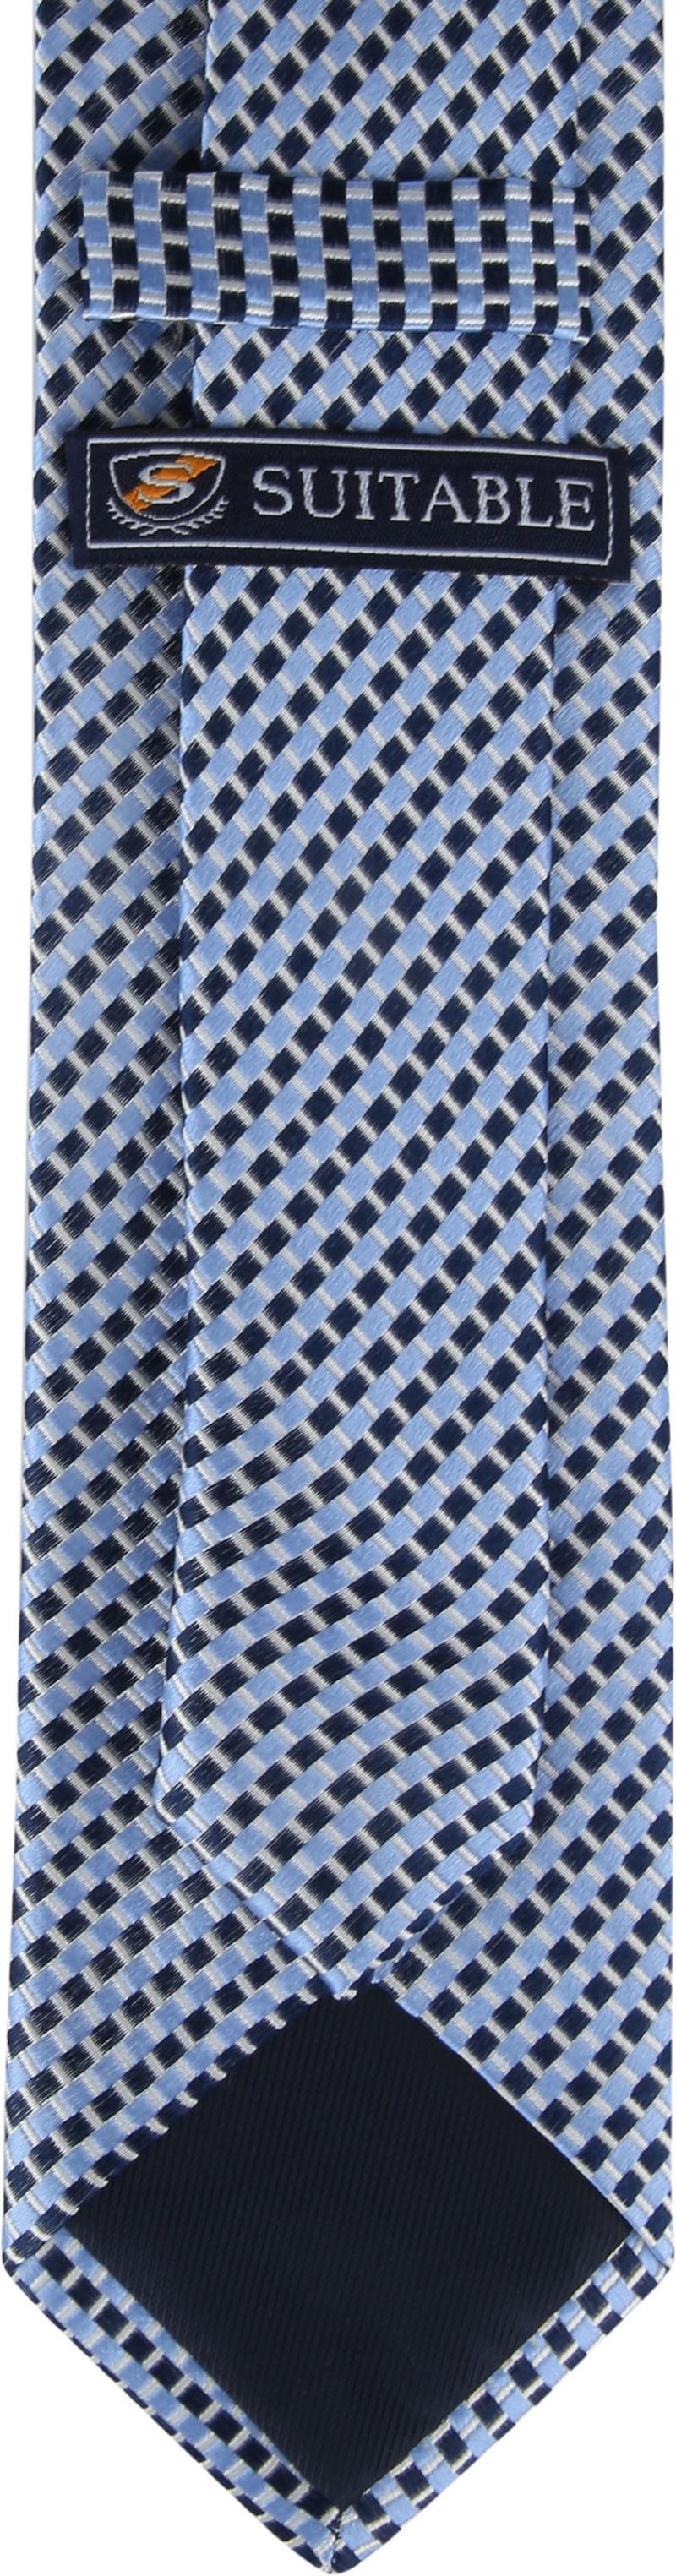 Suitable Krawatte Blau K01-11 Foto 2